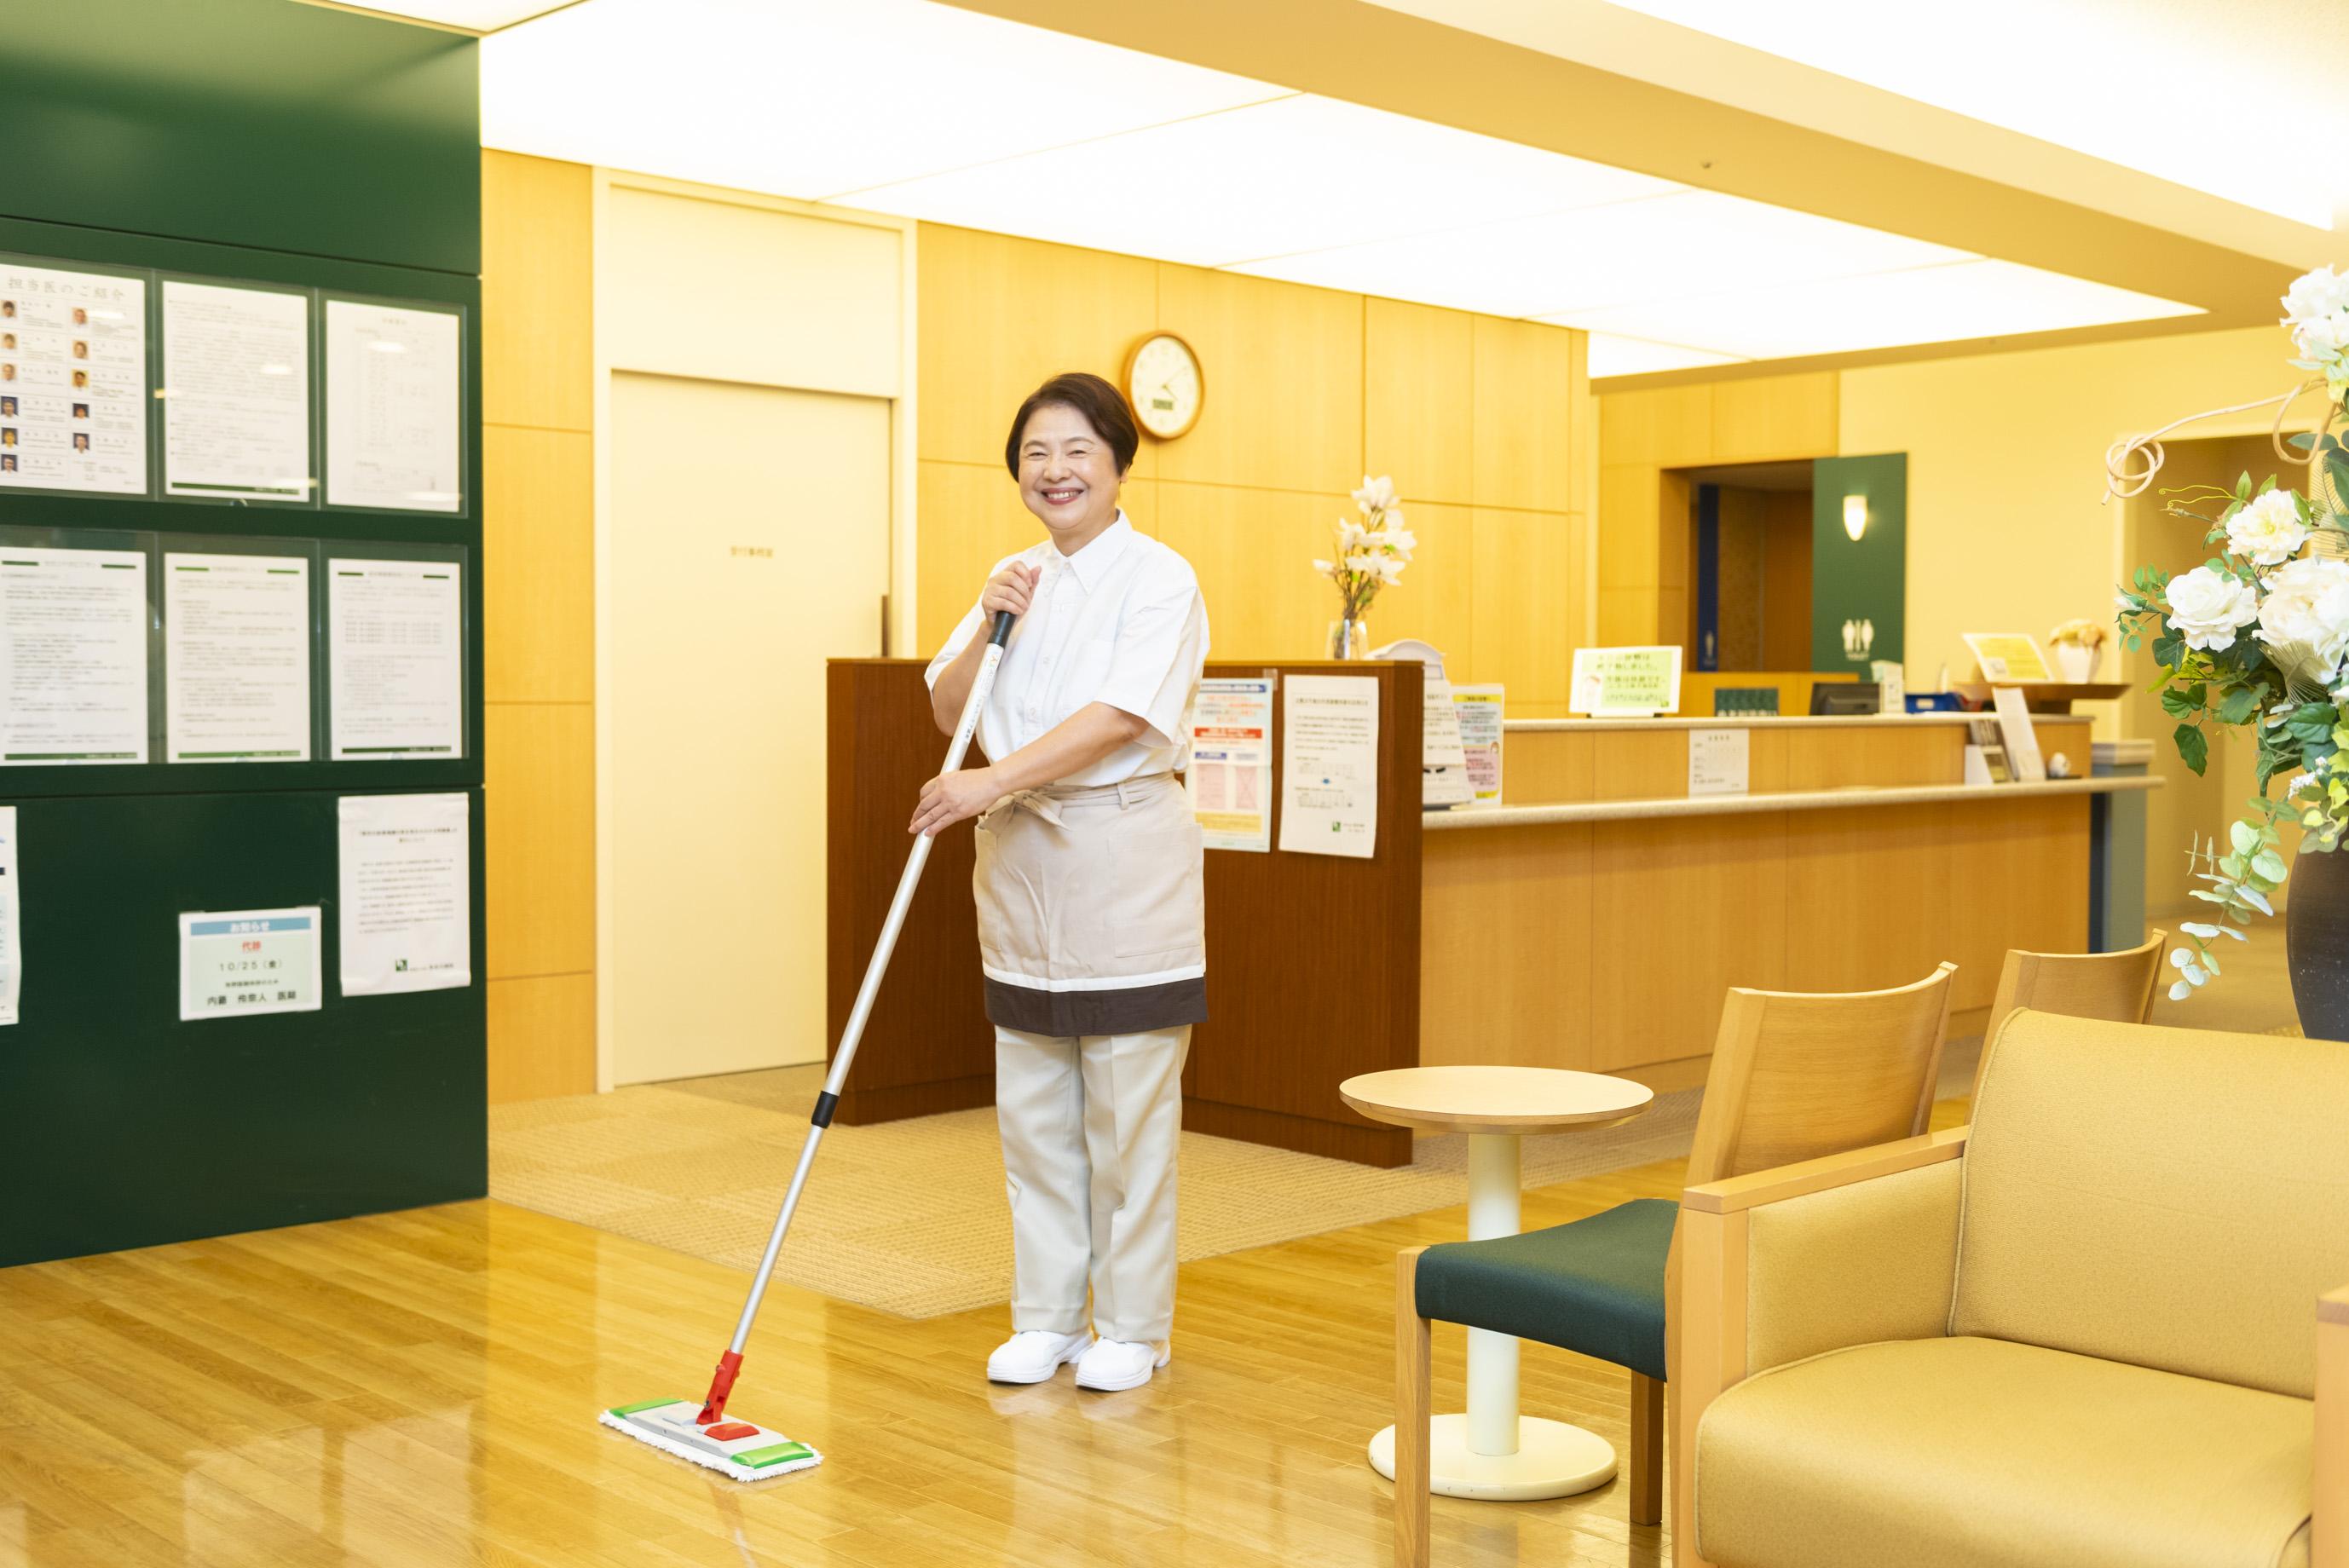 清掃スタッフ募集(小矢部市)#午前だけ#週3日~#シニア歓迎